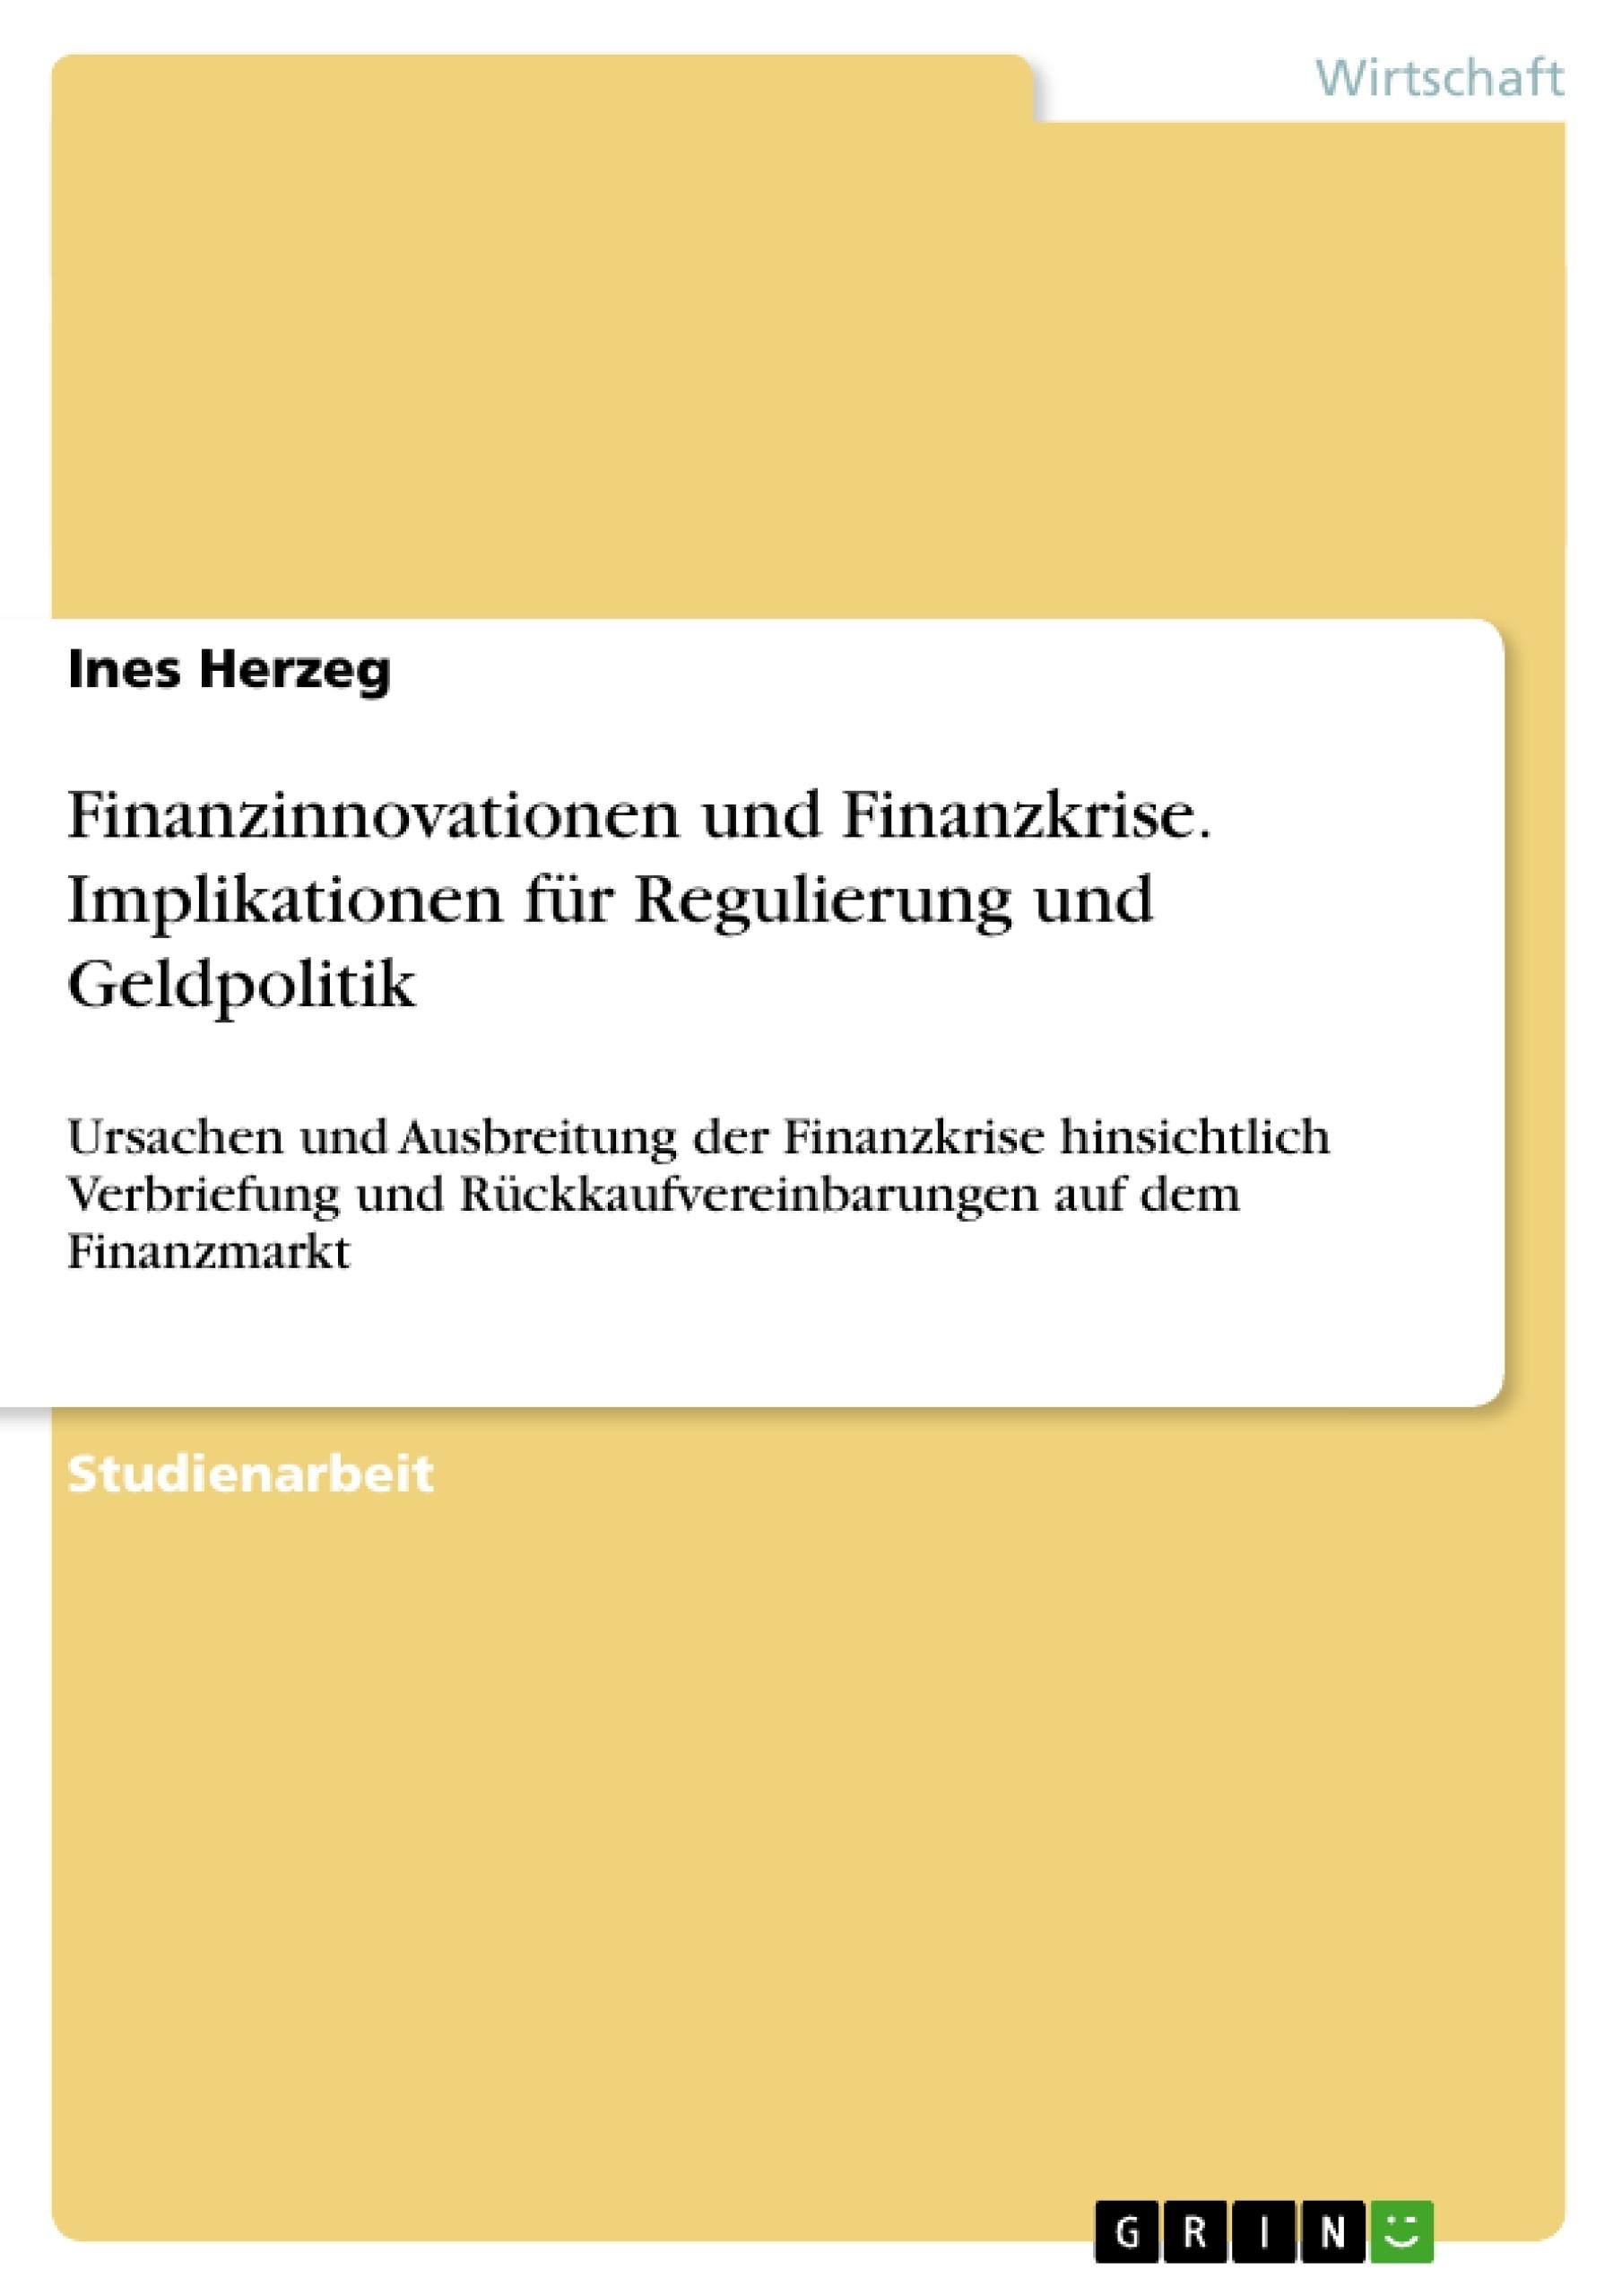 Titel: Finanzinnovationen und Finanzkrise. Implikationen für Regulierung und Geldpolitik